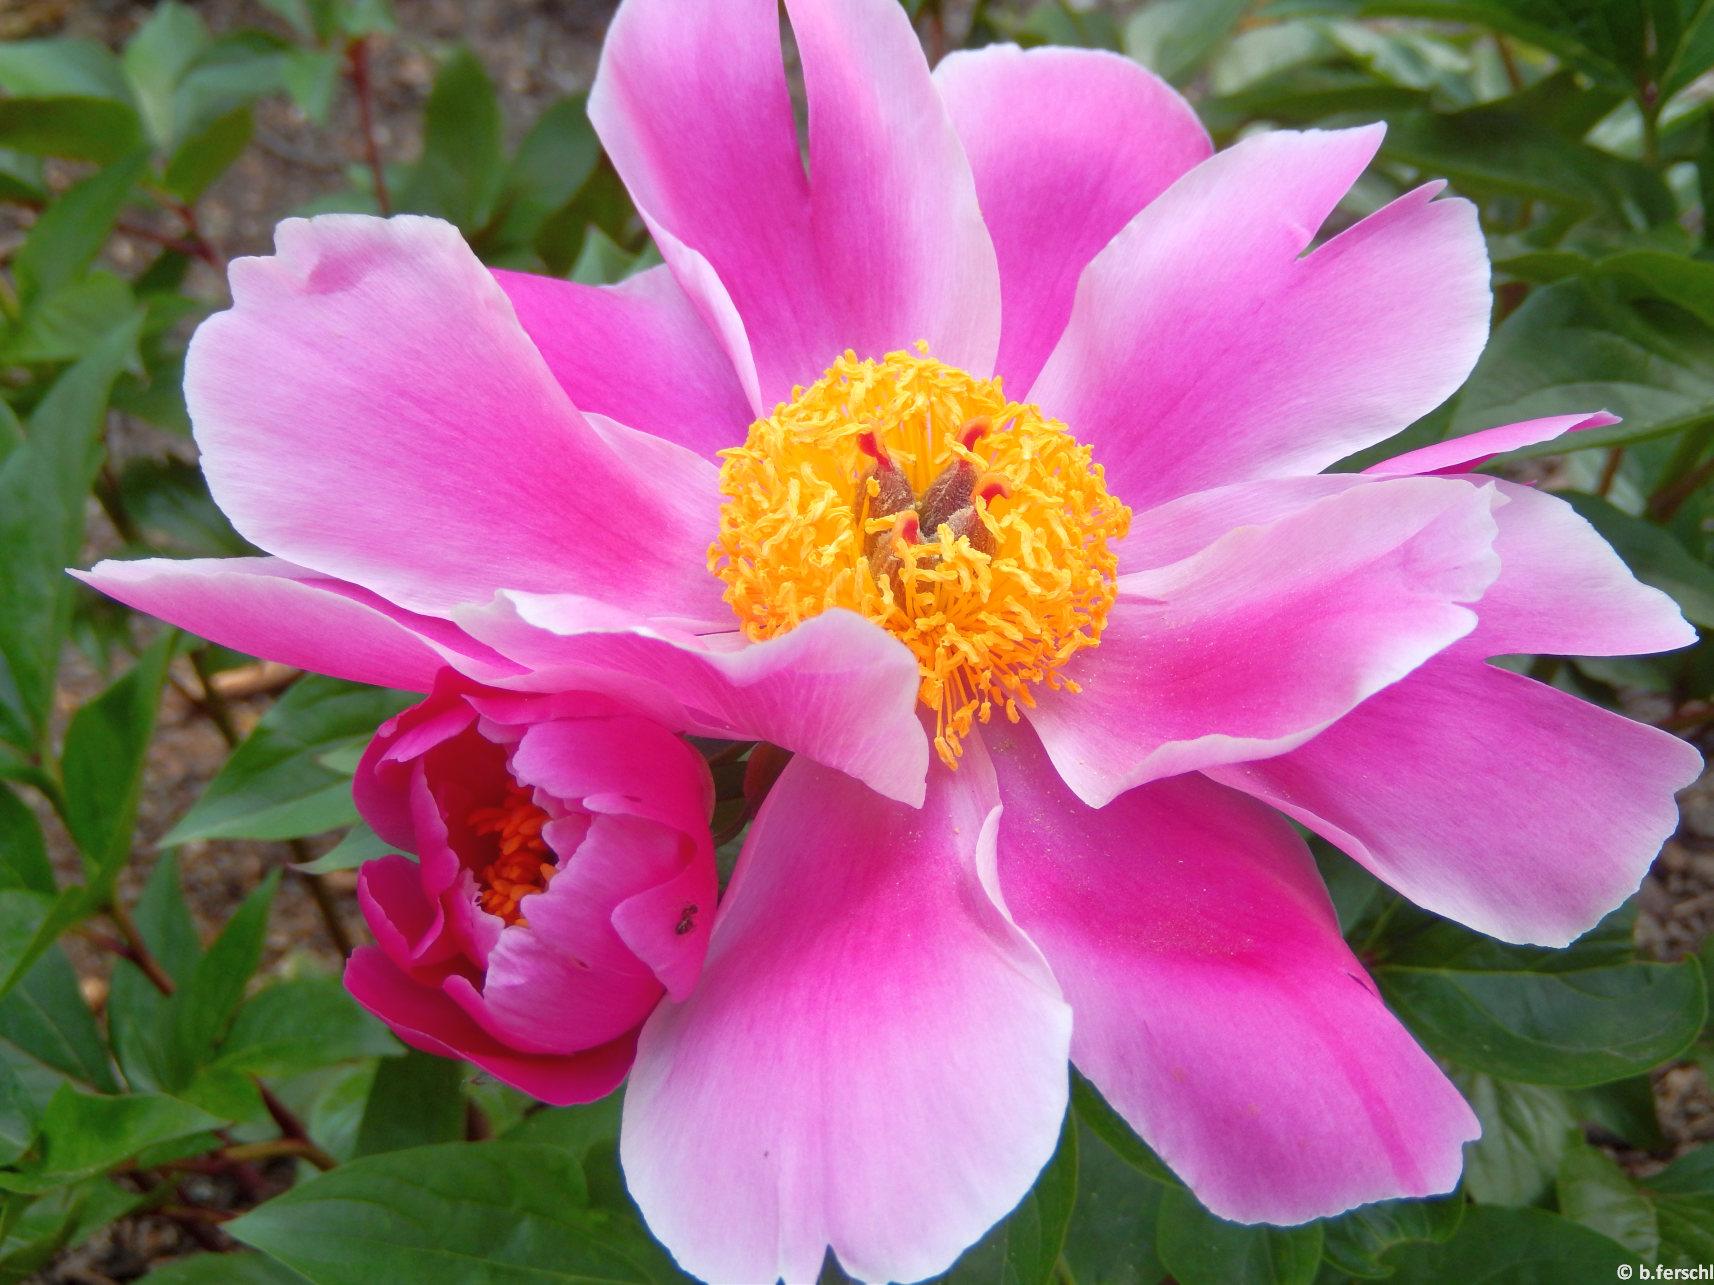 Kései bazsarózsa (Paeonia lactiflora)